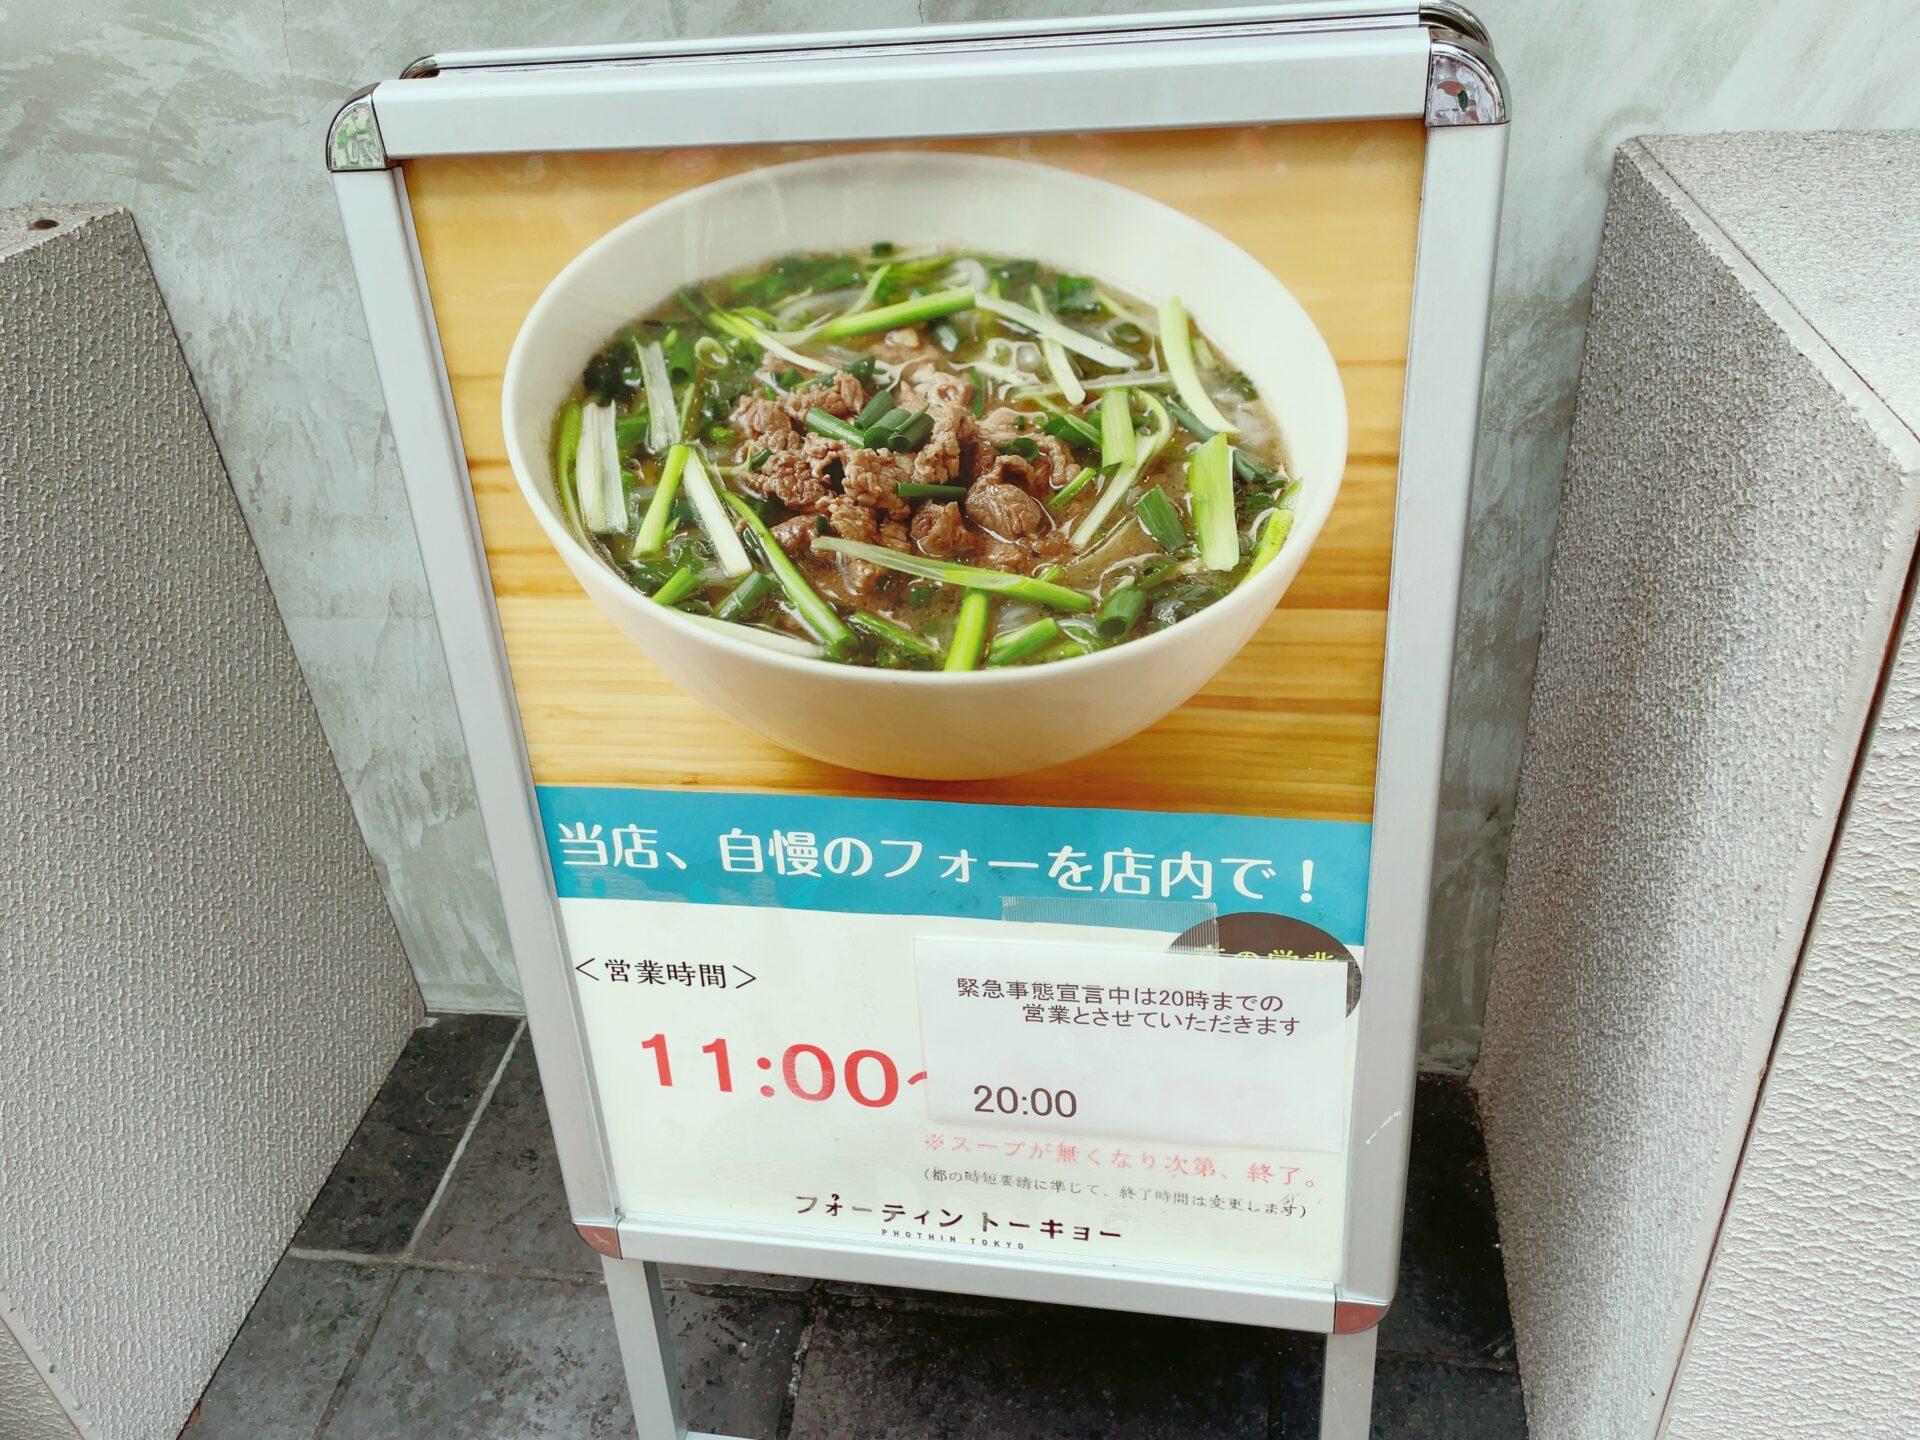 フォーティントーキョー 新宿店の看板